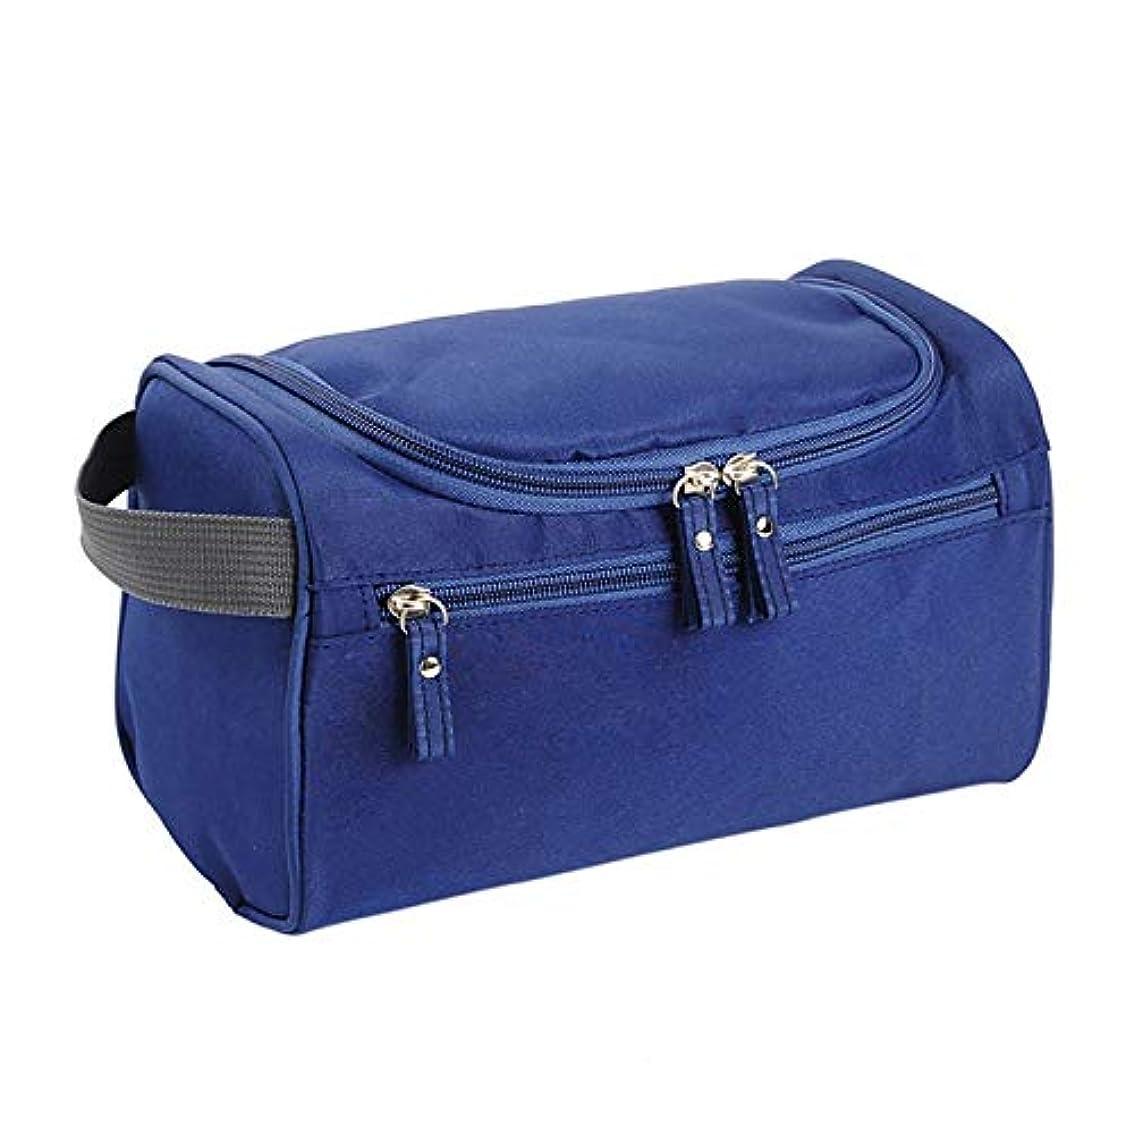 単語許容できるかなり化粧品袋 大容量女性化粧品バッグ男性旅行防水収納レディウォッシュバッグ美容師オーガナイザーメイクアップバッグ